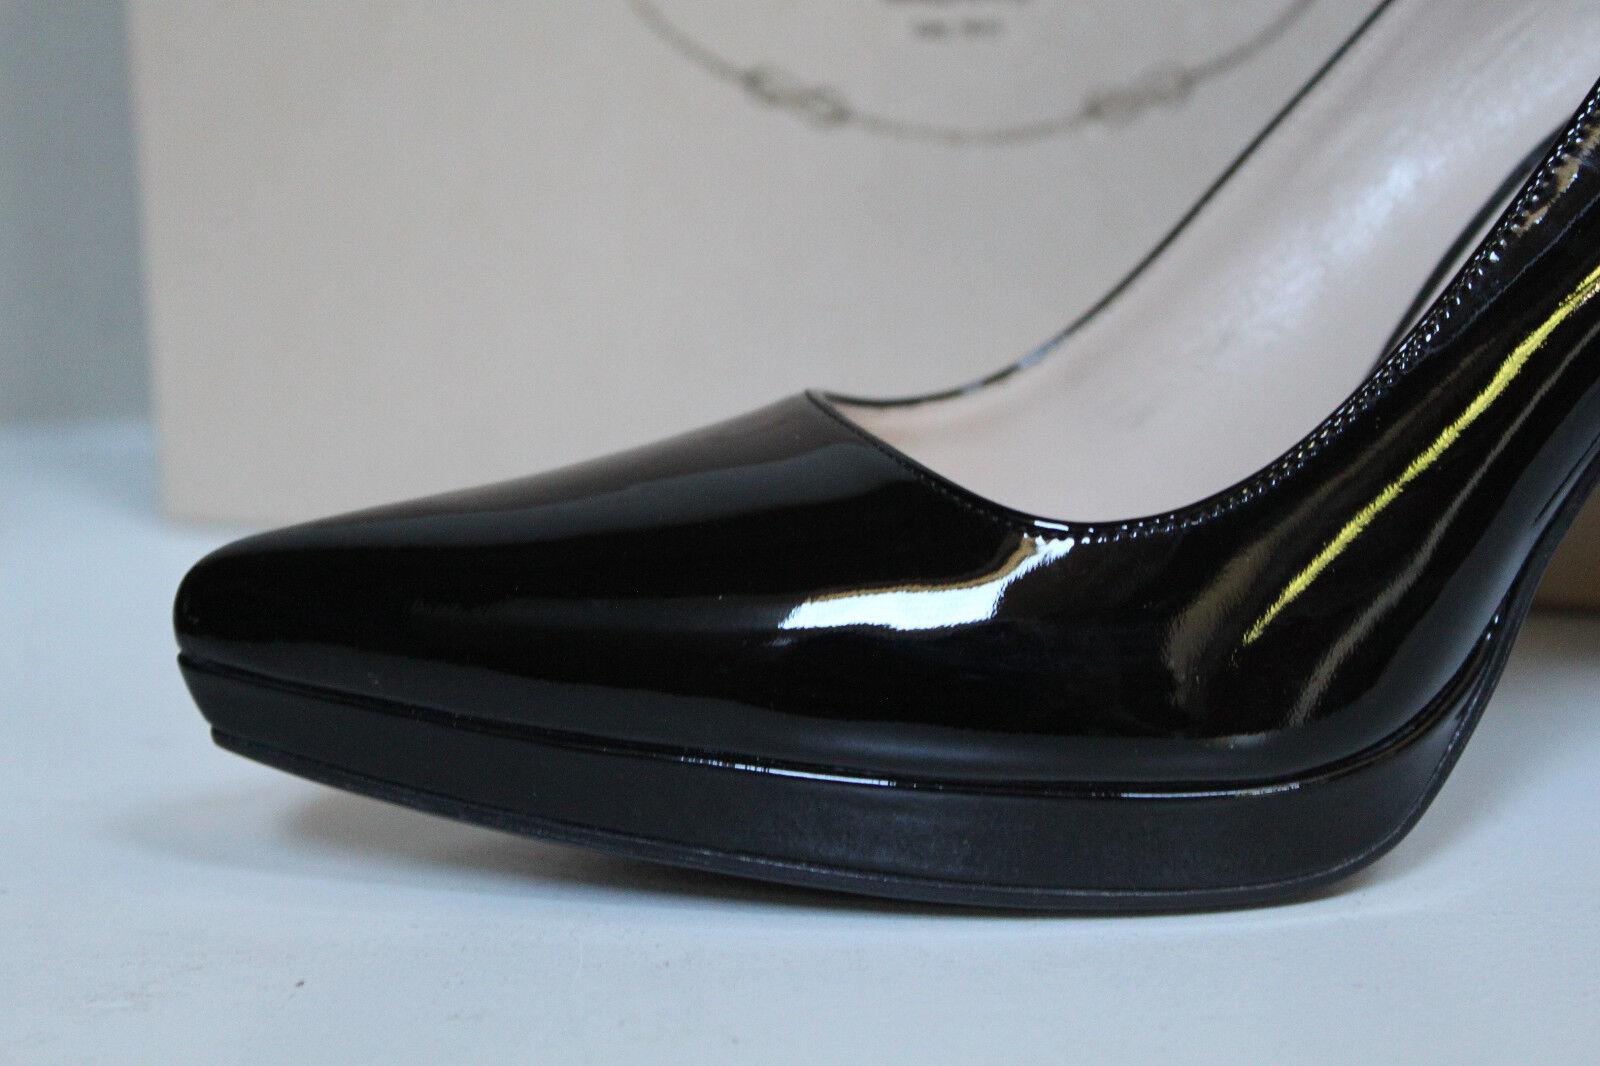 Nouveau sz 10 US 40 Prada noir noir noir cuir verni bout pointu et classique Pompe Chaussures à talon bce0fb